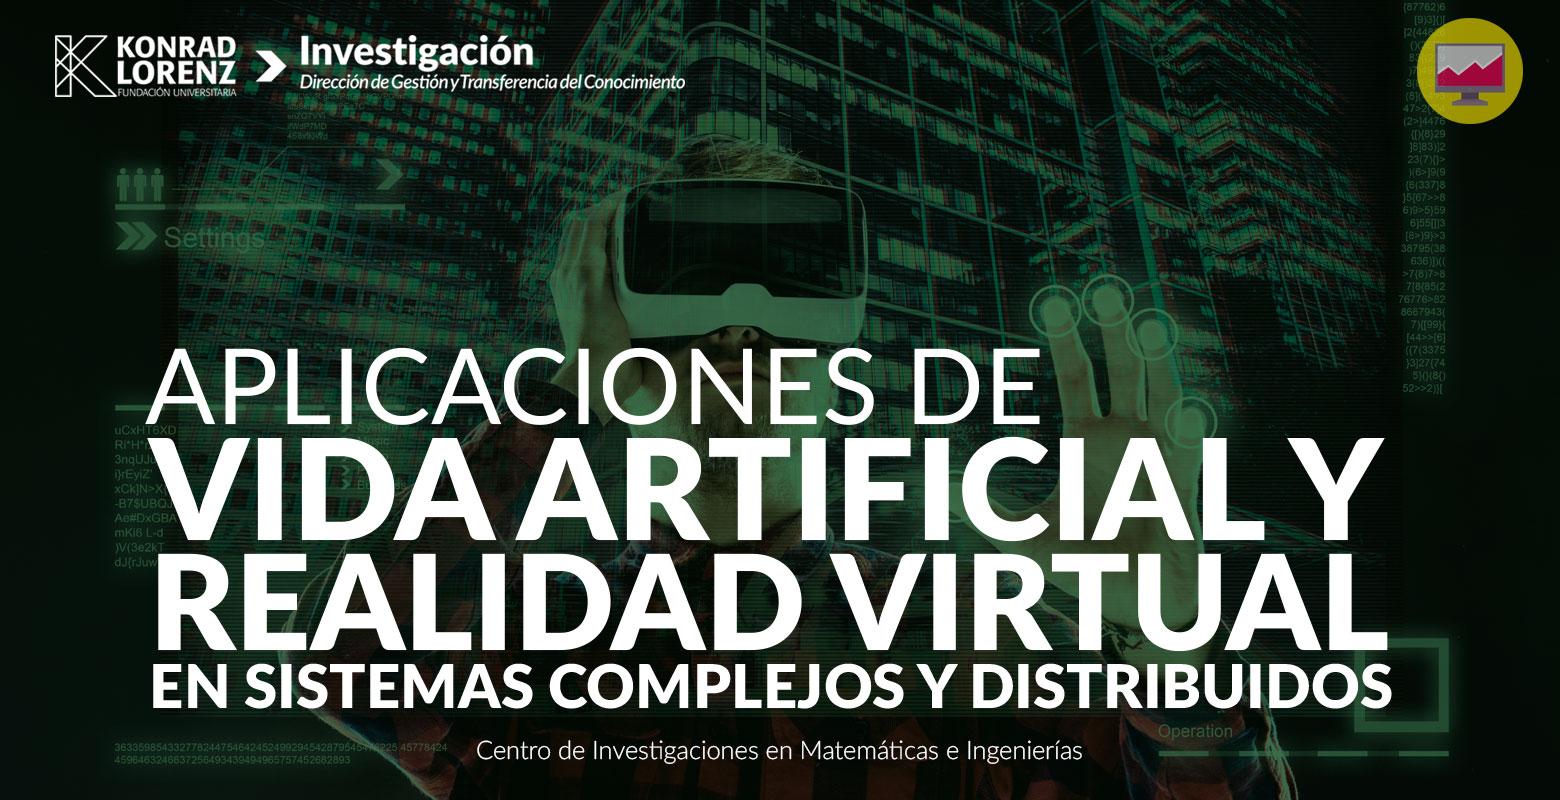 Aplicaciones de vida artificial y realidad virtual en sistemas complejos y distribuidos